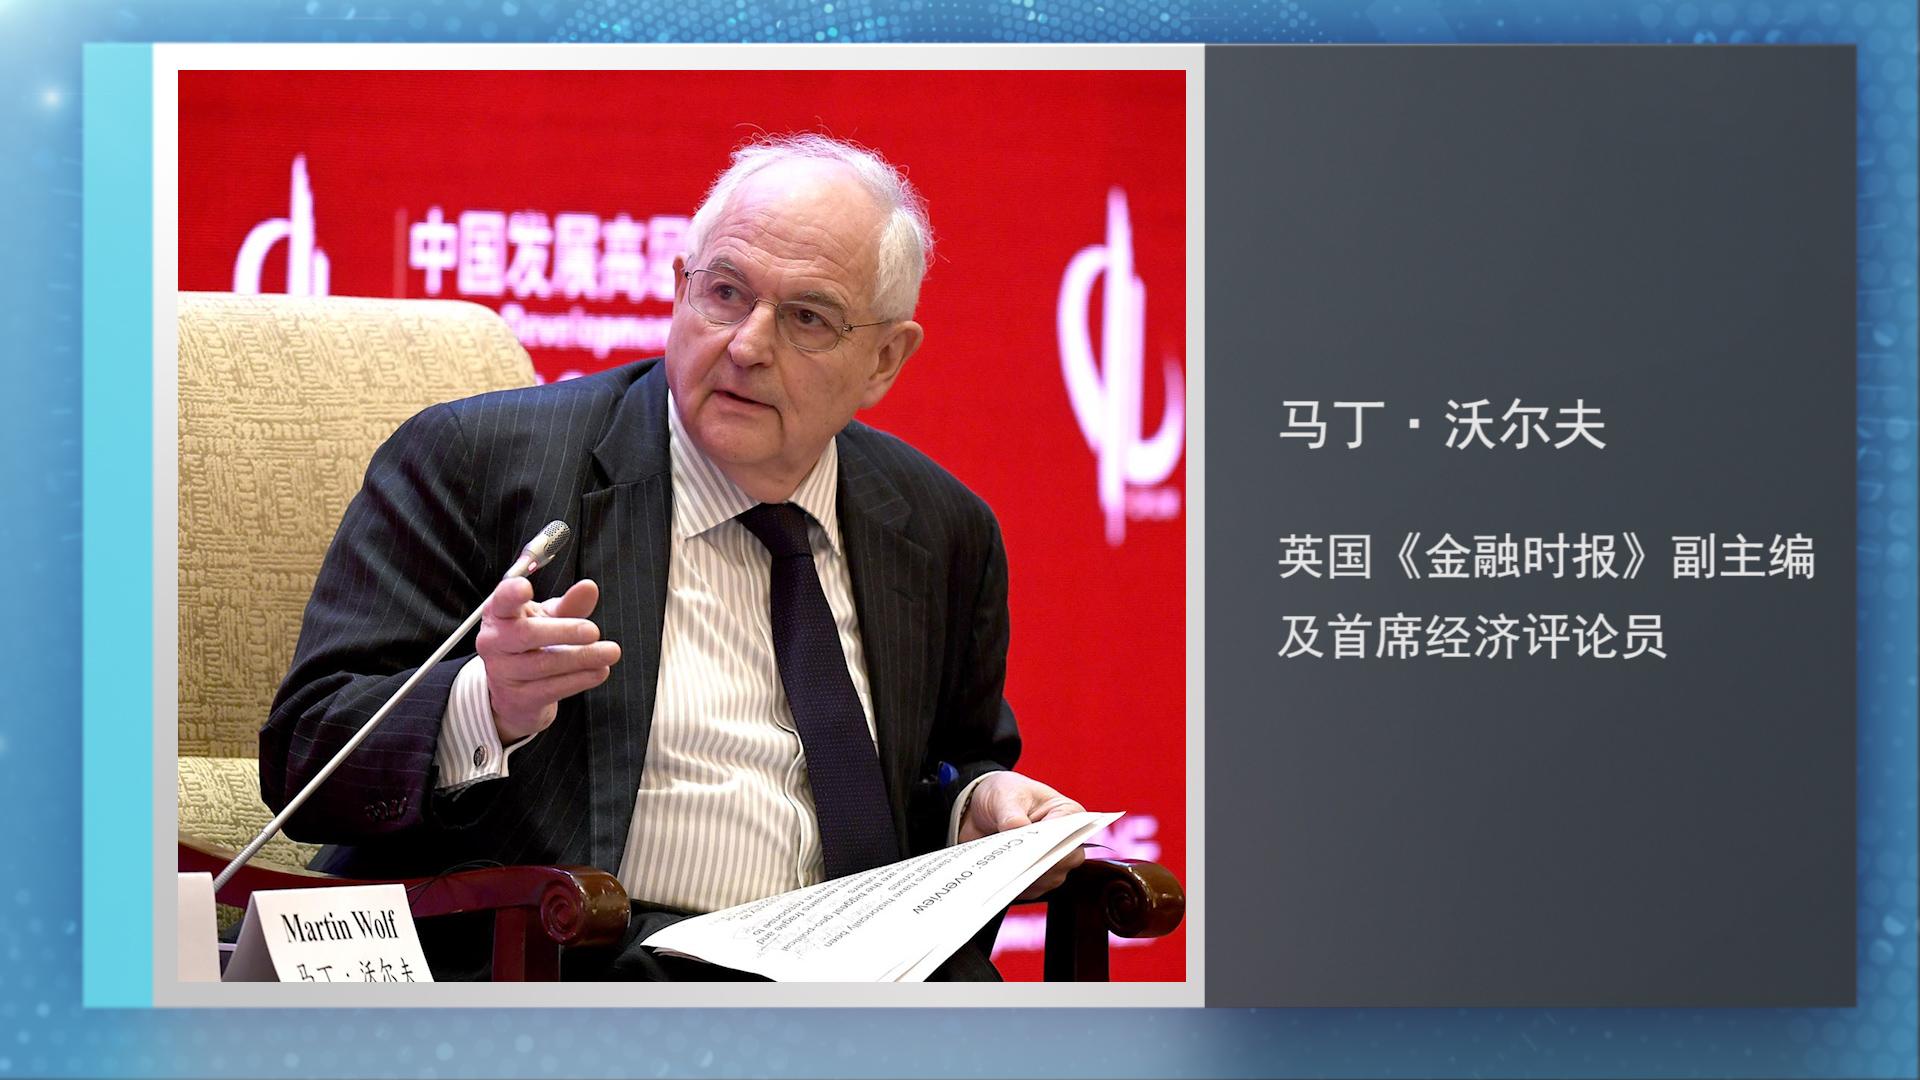 《金融时报》首席评论员:世界经济体之间需要开展合作